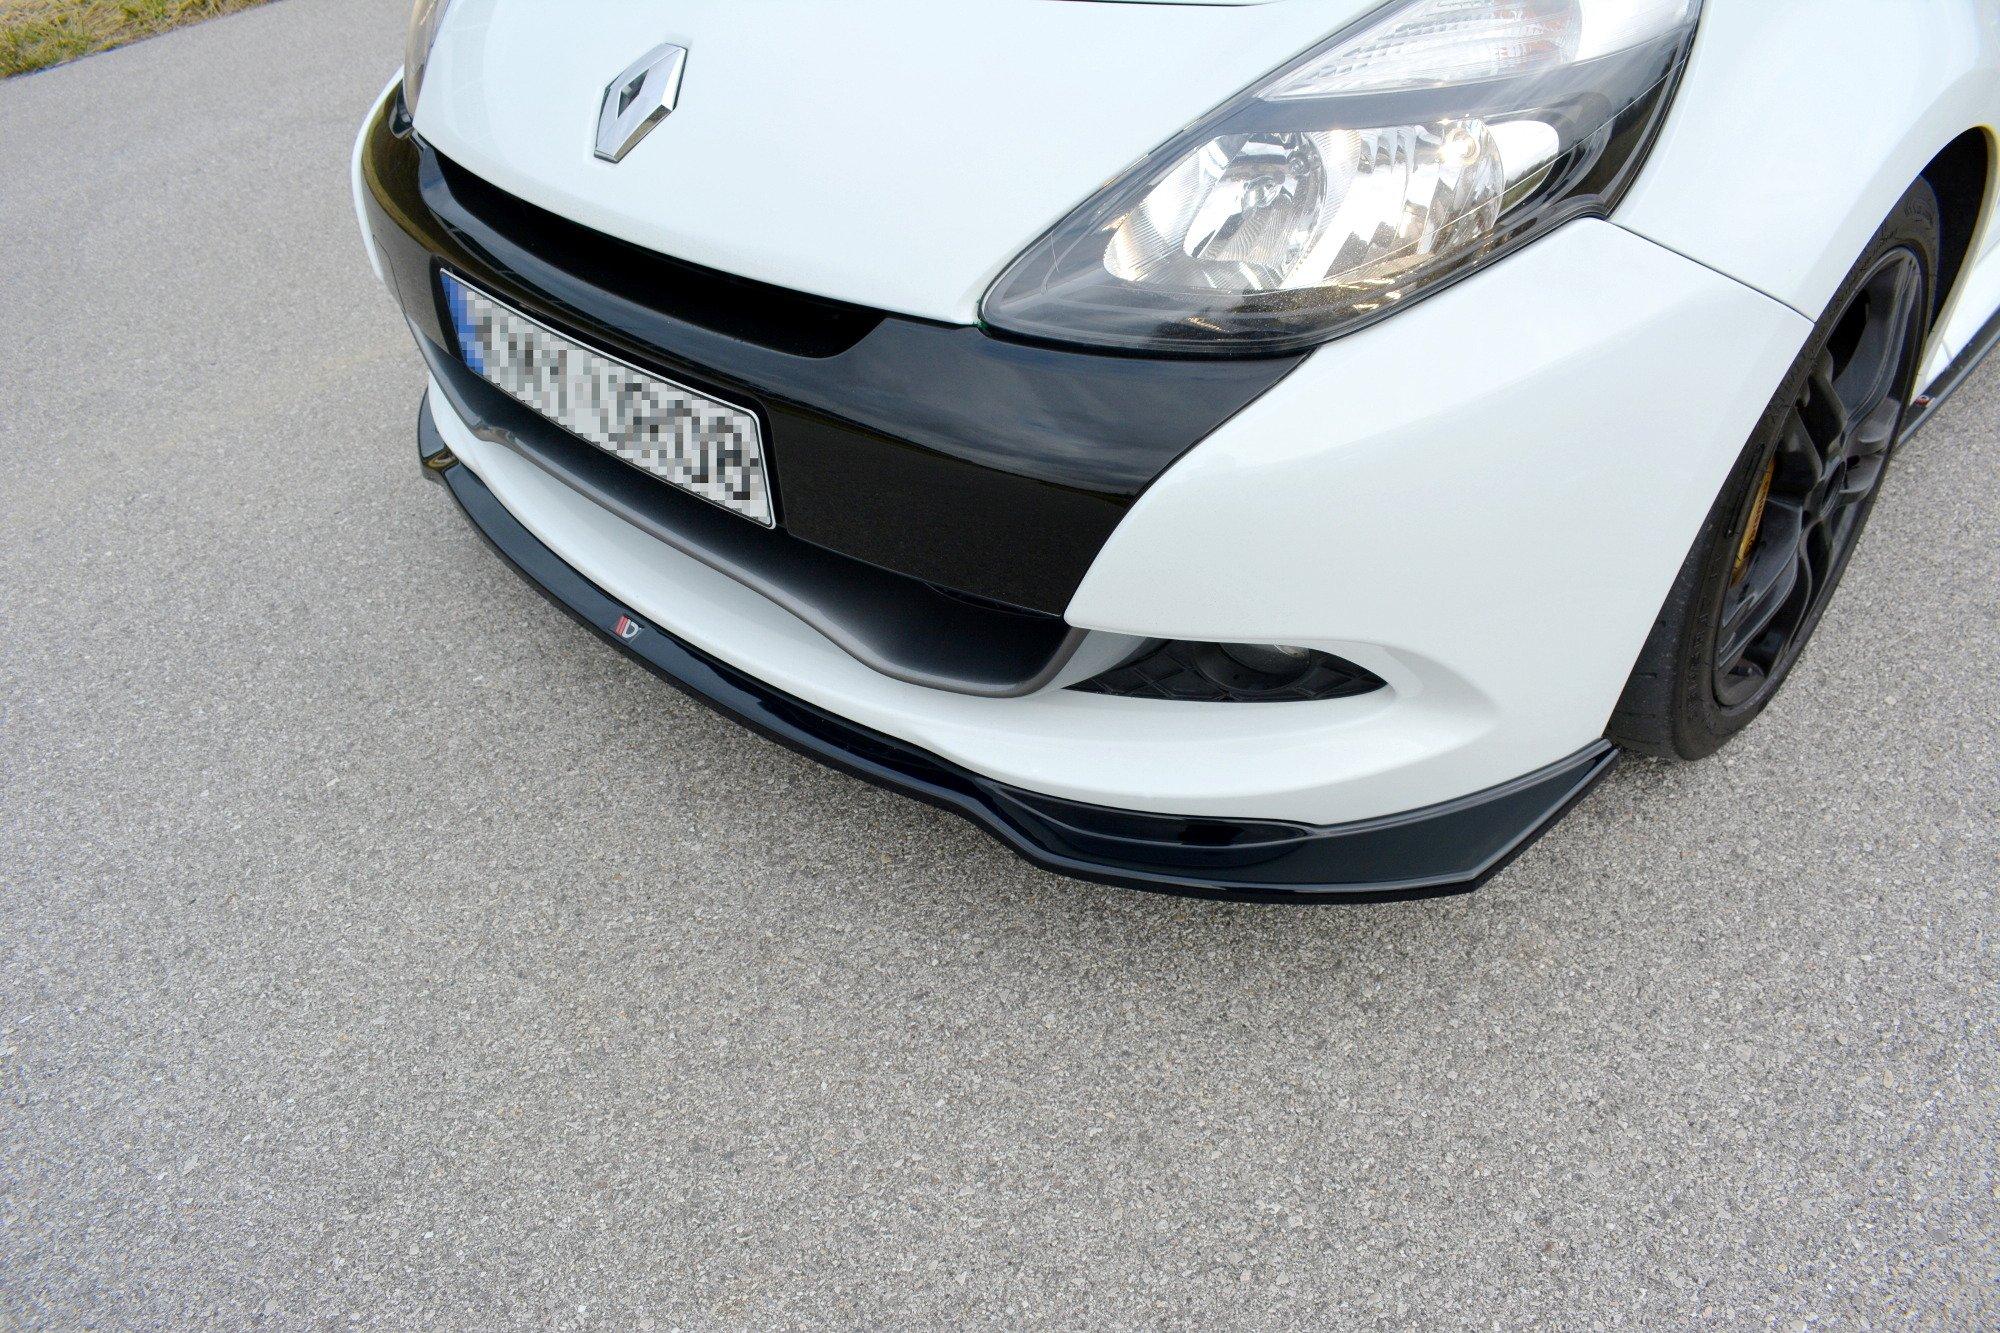 Lame Du Pare Chocs Avant Splitter V 1 Renault Clio Mk3 Rs Facelift